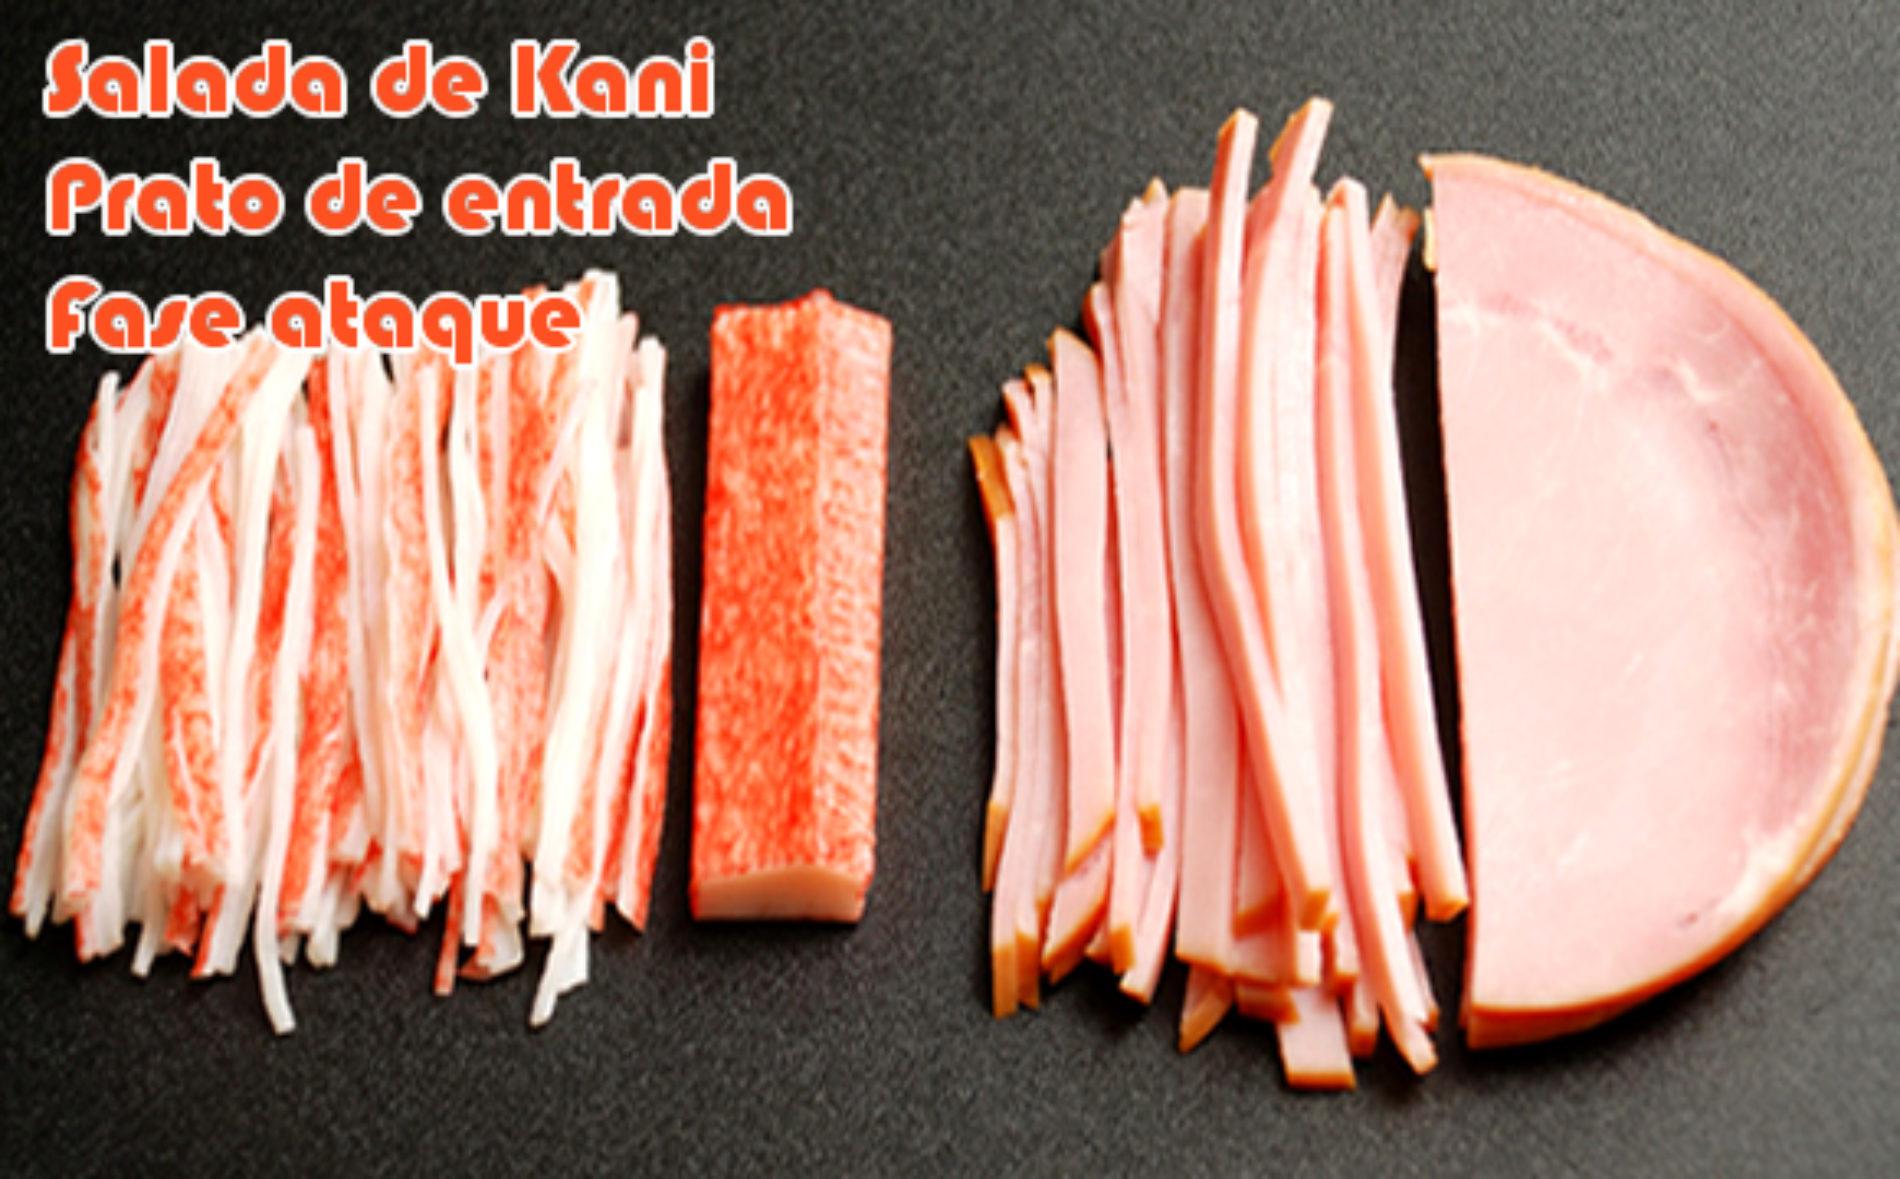 Salada de Kani ataque